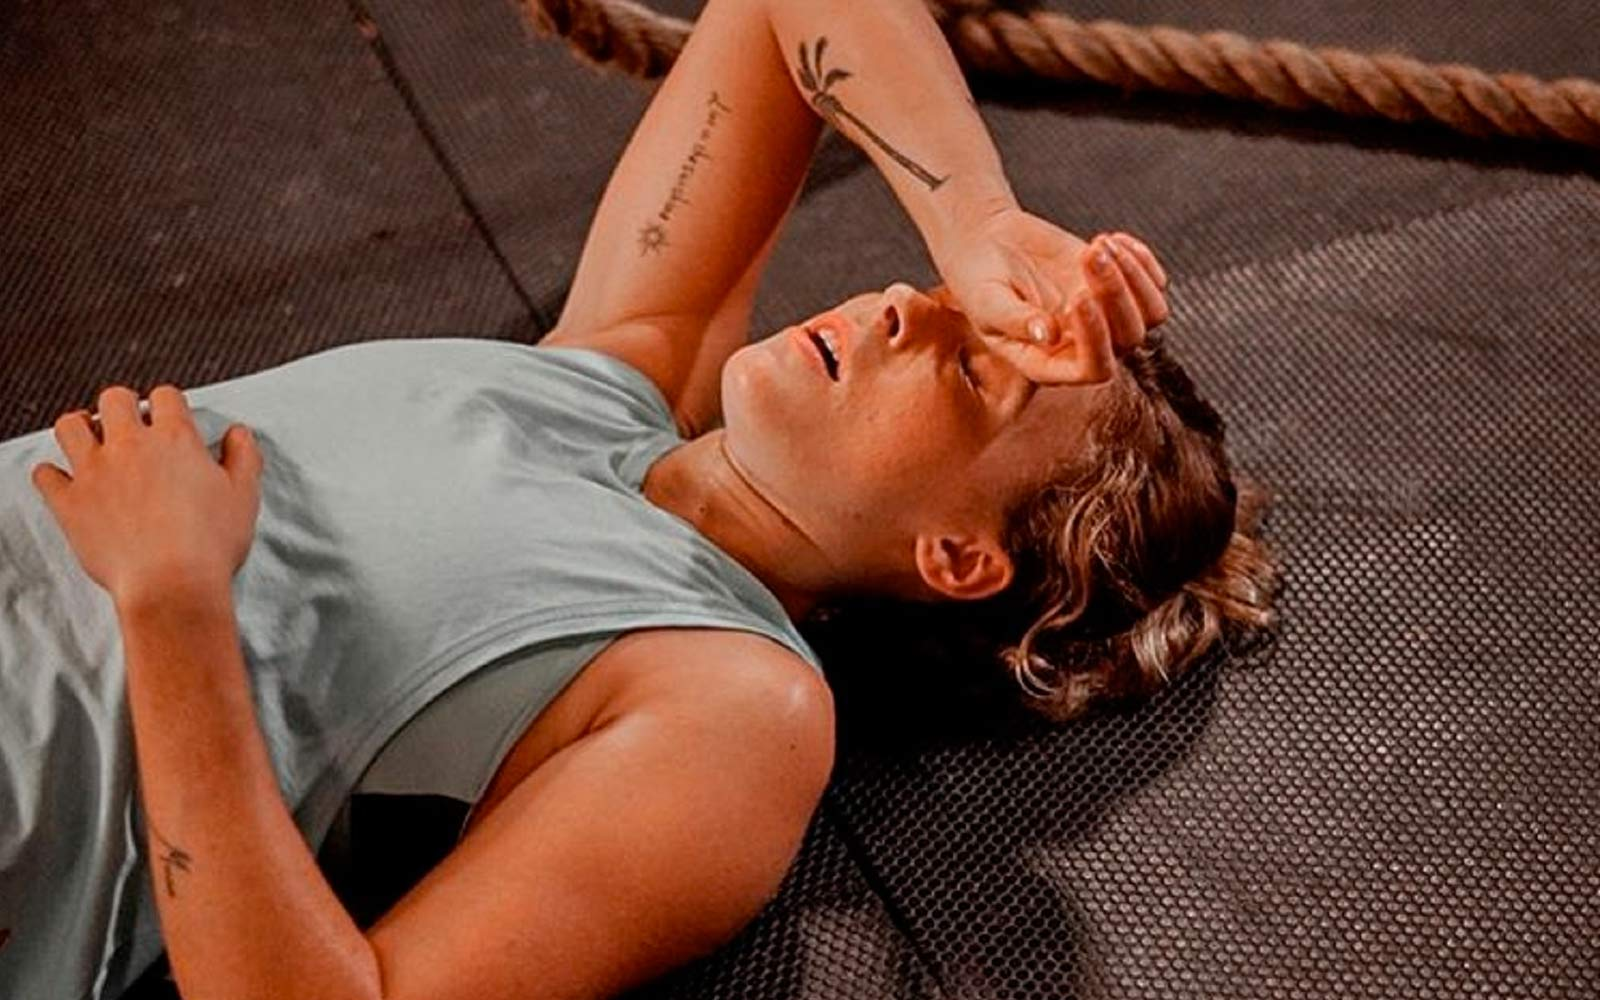 I dolori dorsali e lombari, o alla zona cervicale, sono sempre più diffusi, ma nella maggior parte dei casi si possono evitare con gli esercizi a corpo libero del Pilates